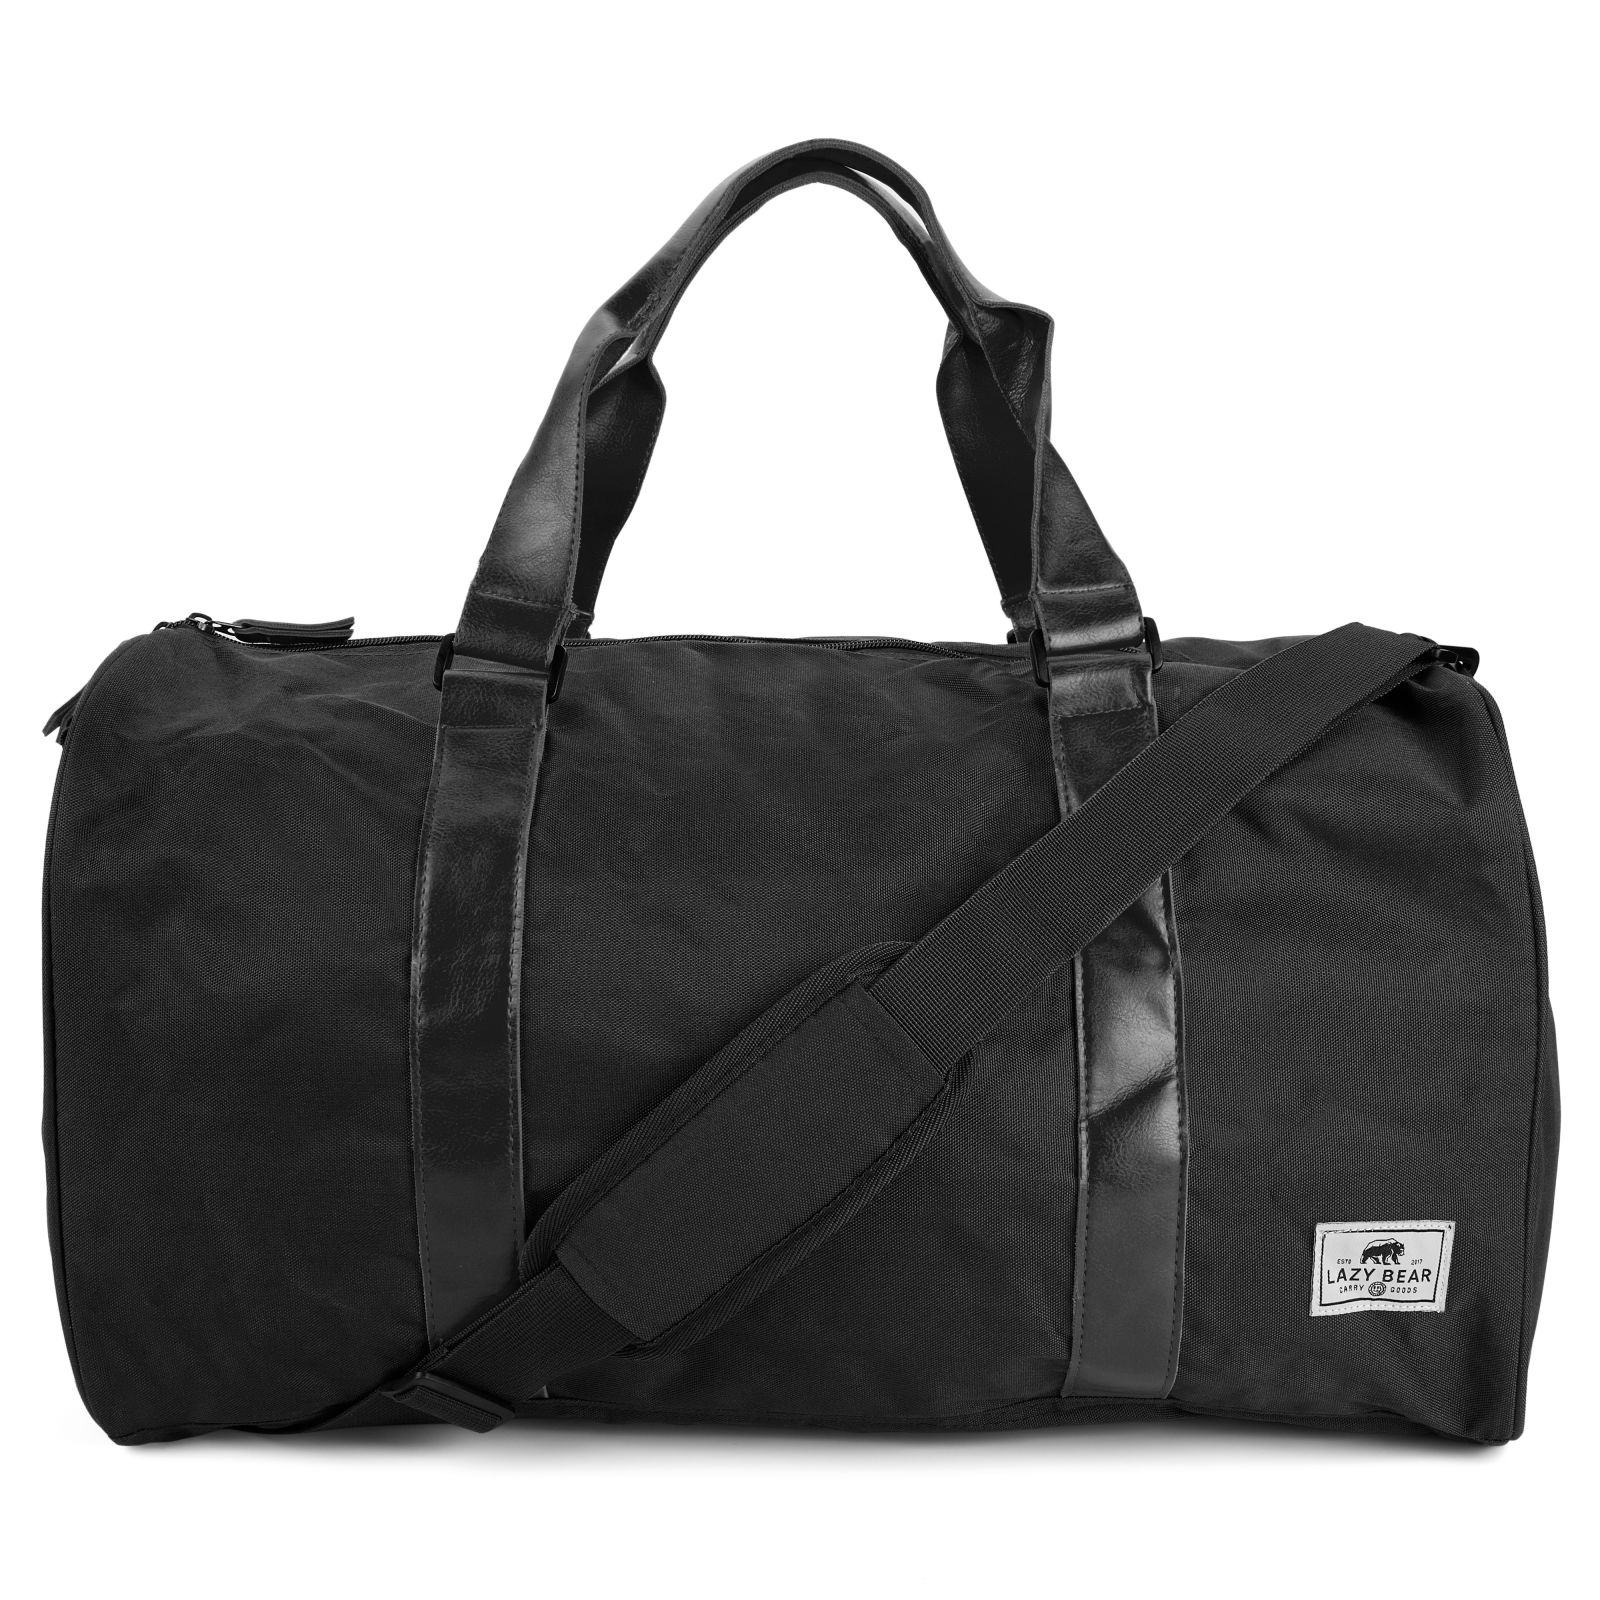 Sac Duffel Bag noir & brun California LjiNV